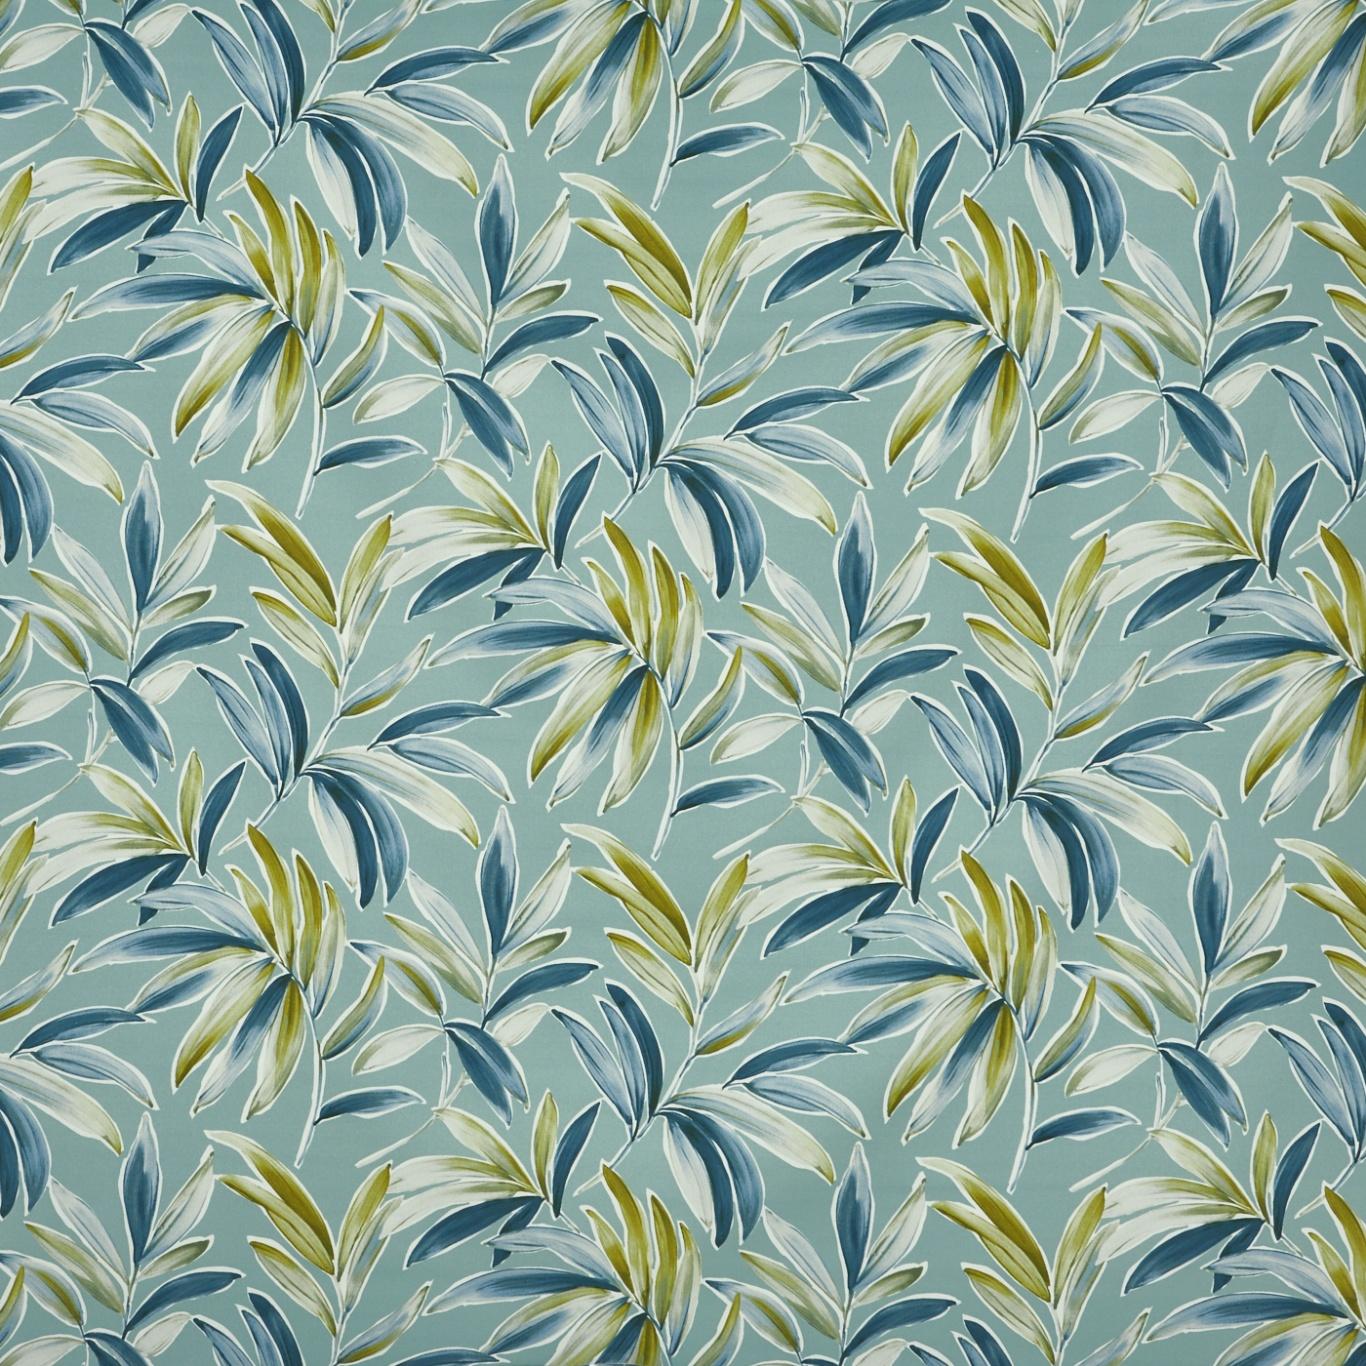 Image of Prestigious Ventura Oasis Fabric 8666/162